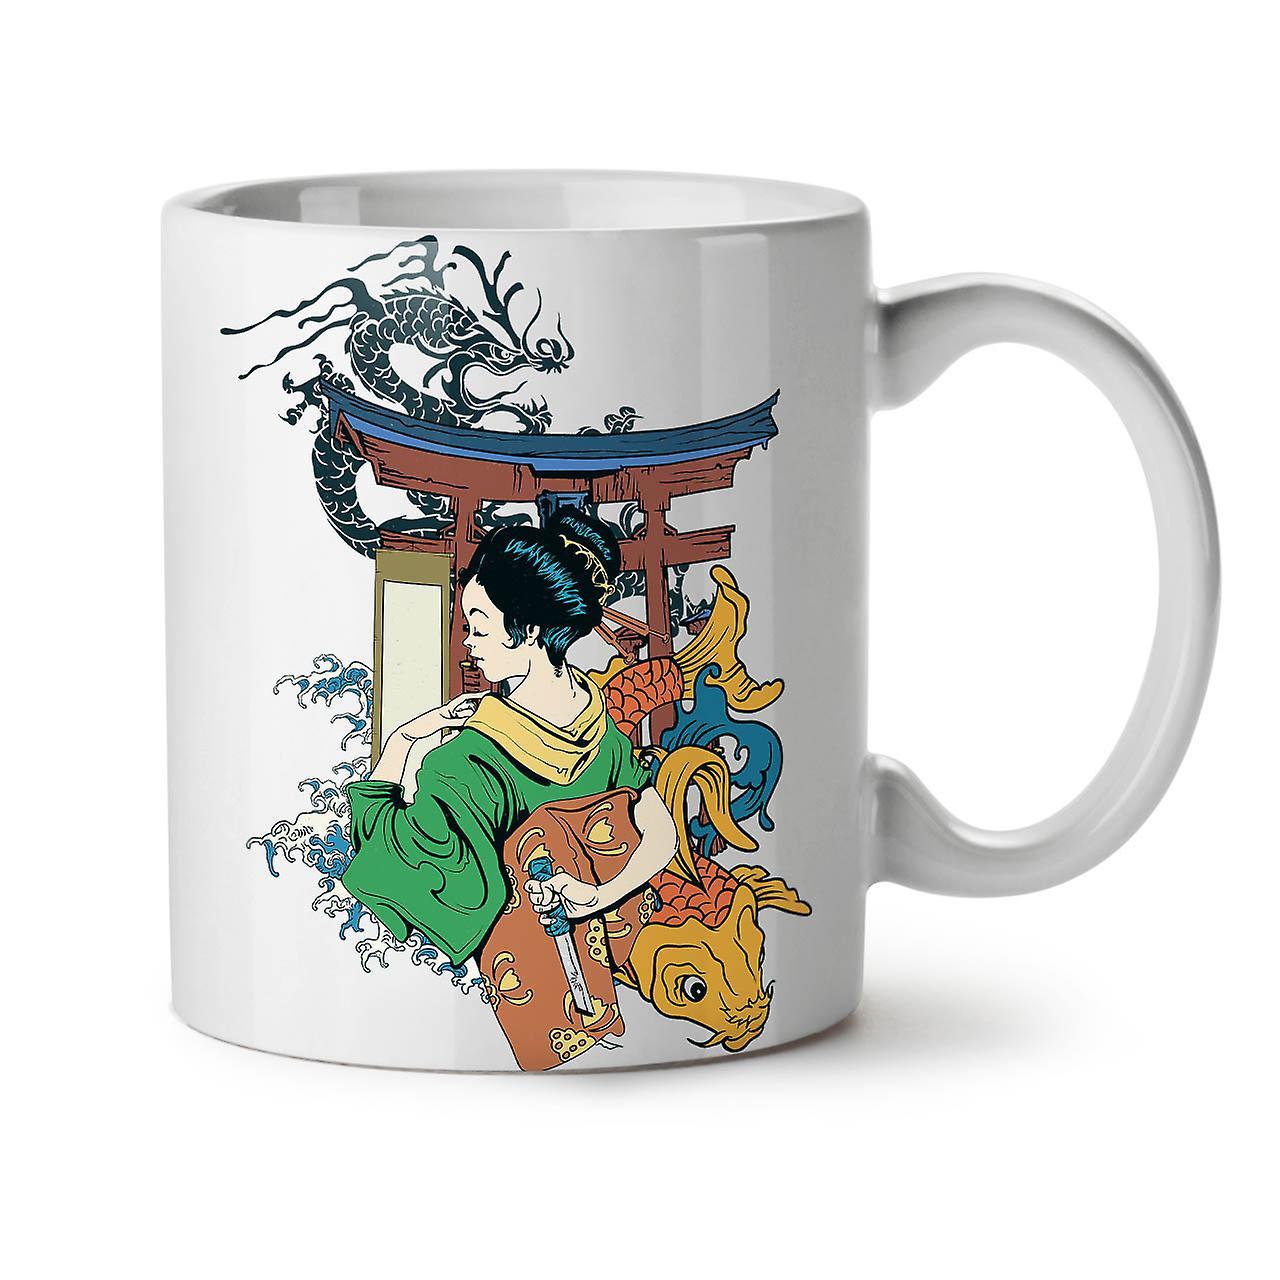 Japon 11 Thé Mystic OzWellcoda Nouveau Céramique Tasse Blanc Café Art 3q4RLAj5